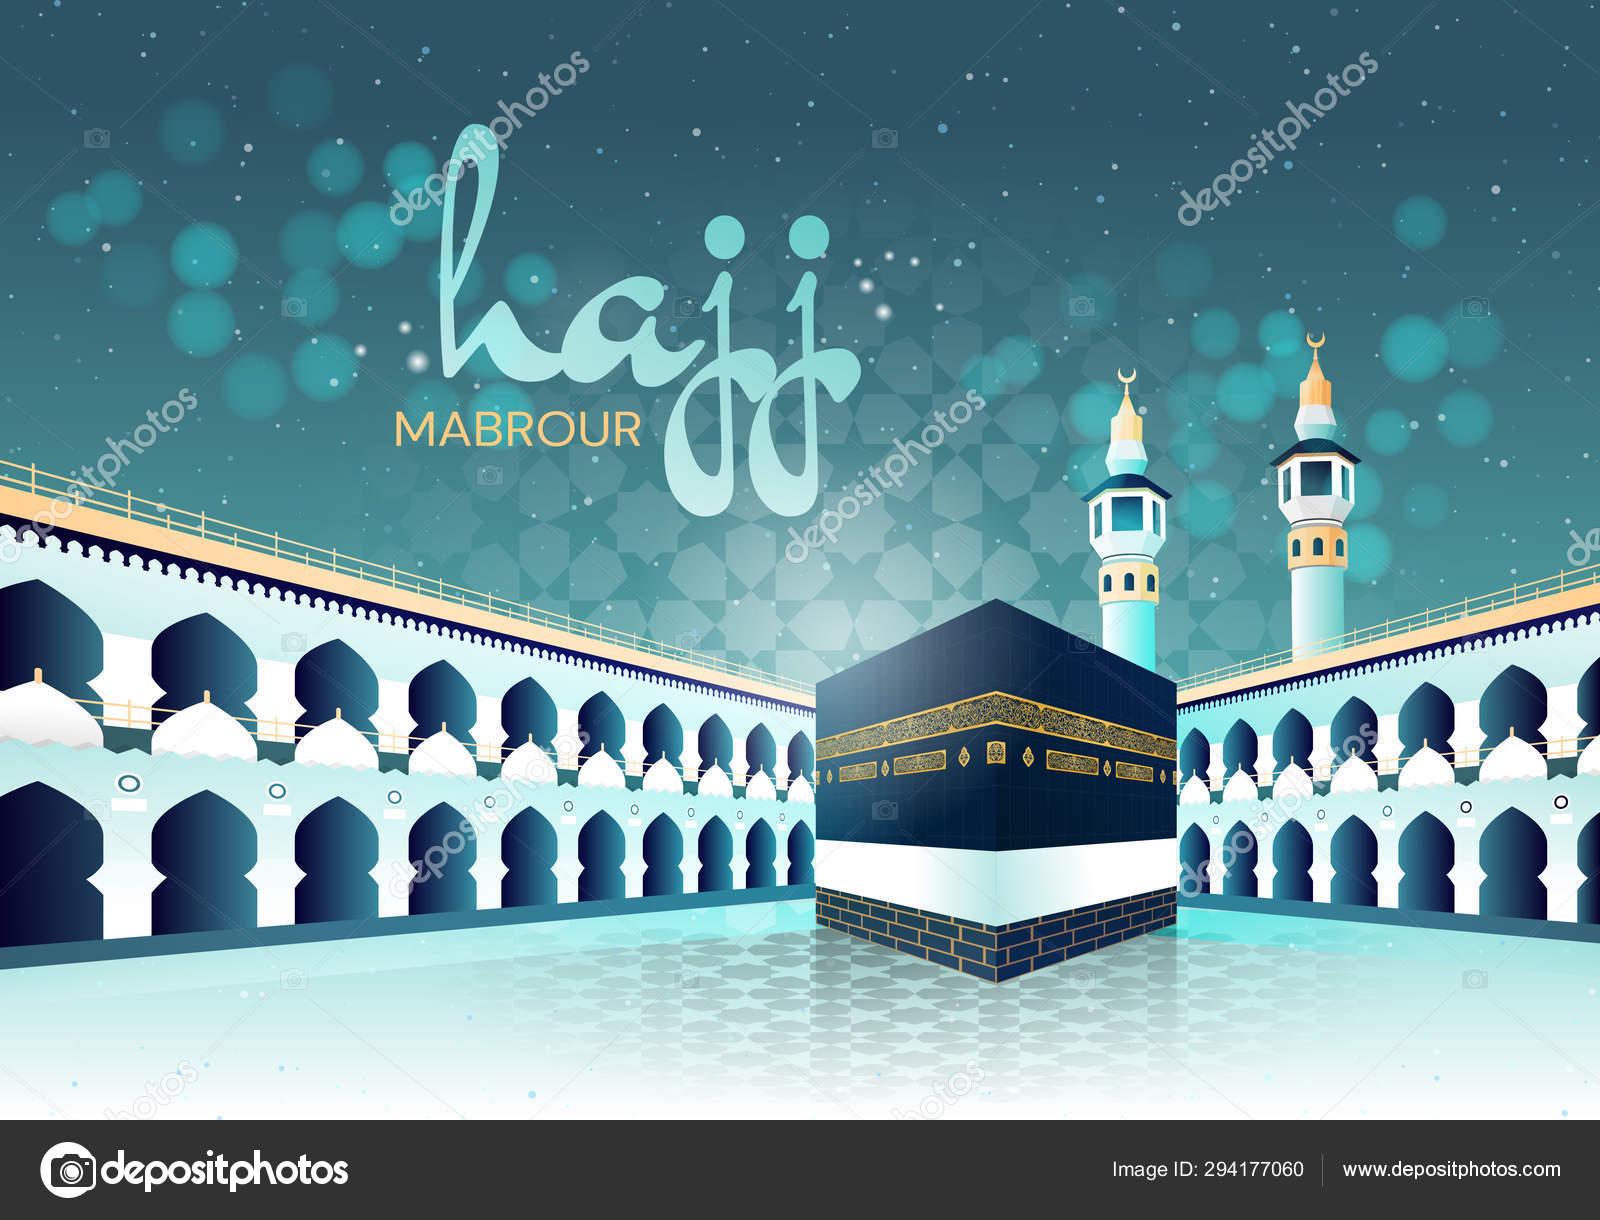 wallfahrtsort der moslems